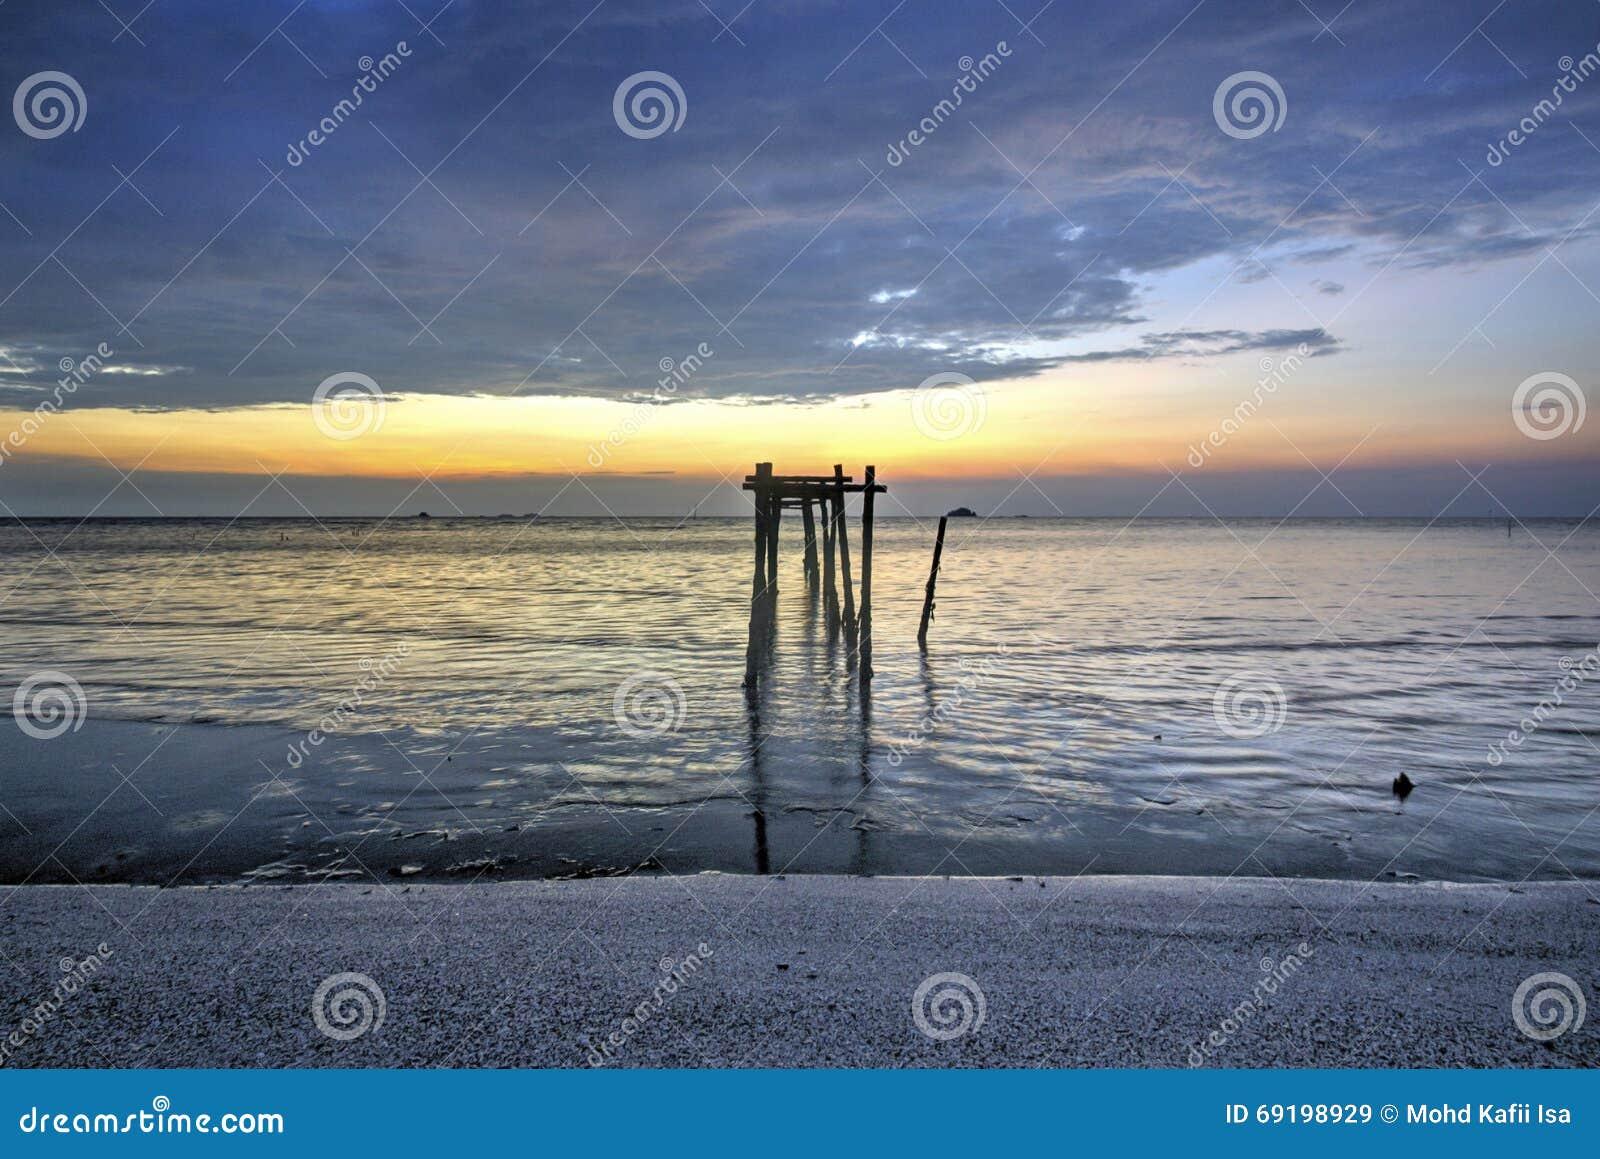 Opinión de Snenic de la playa en Bali